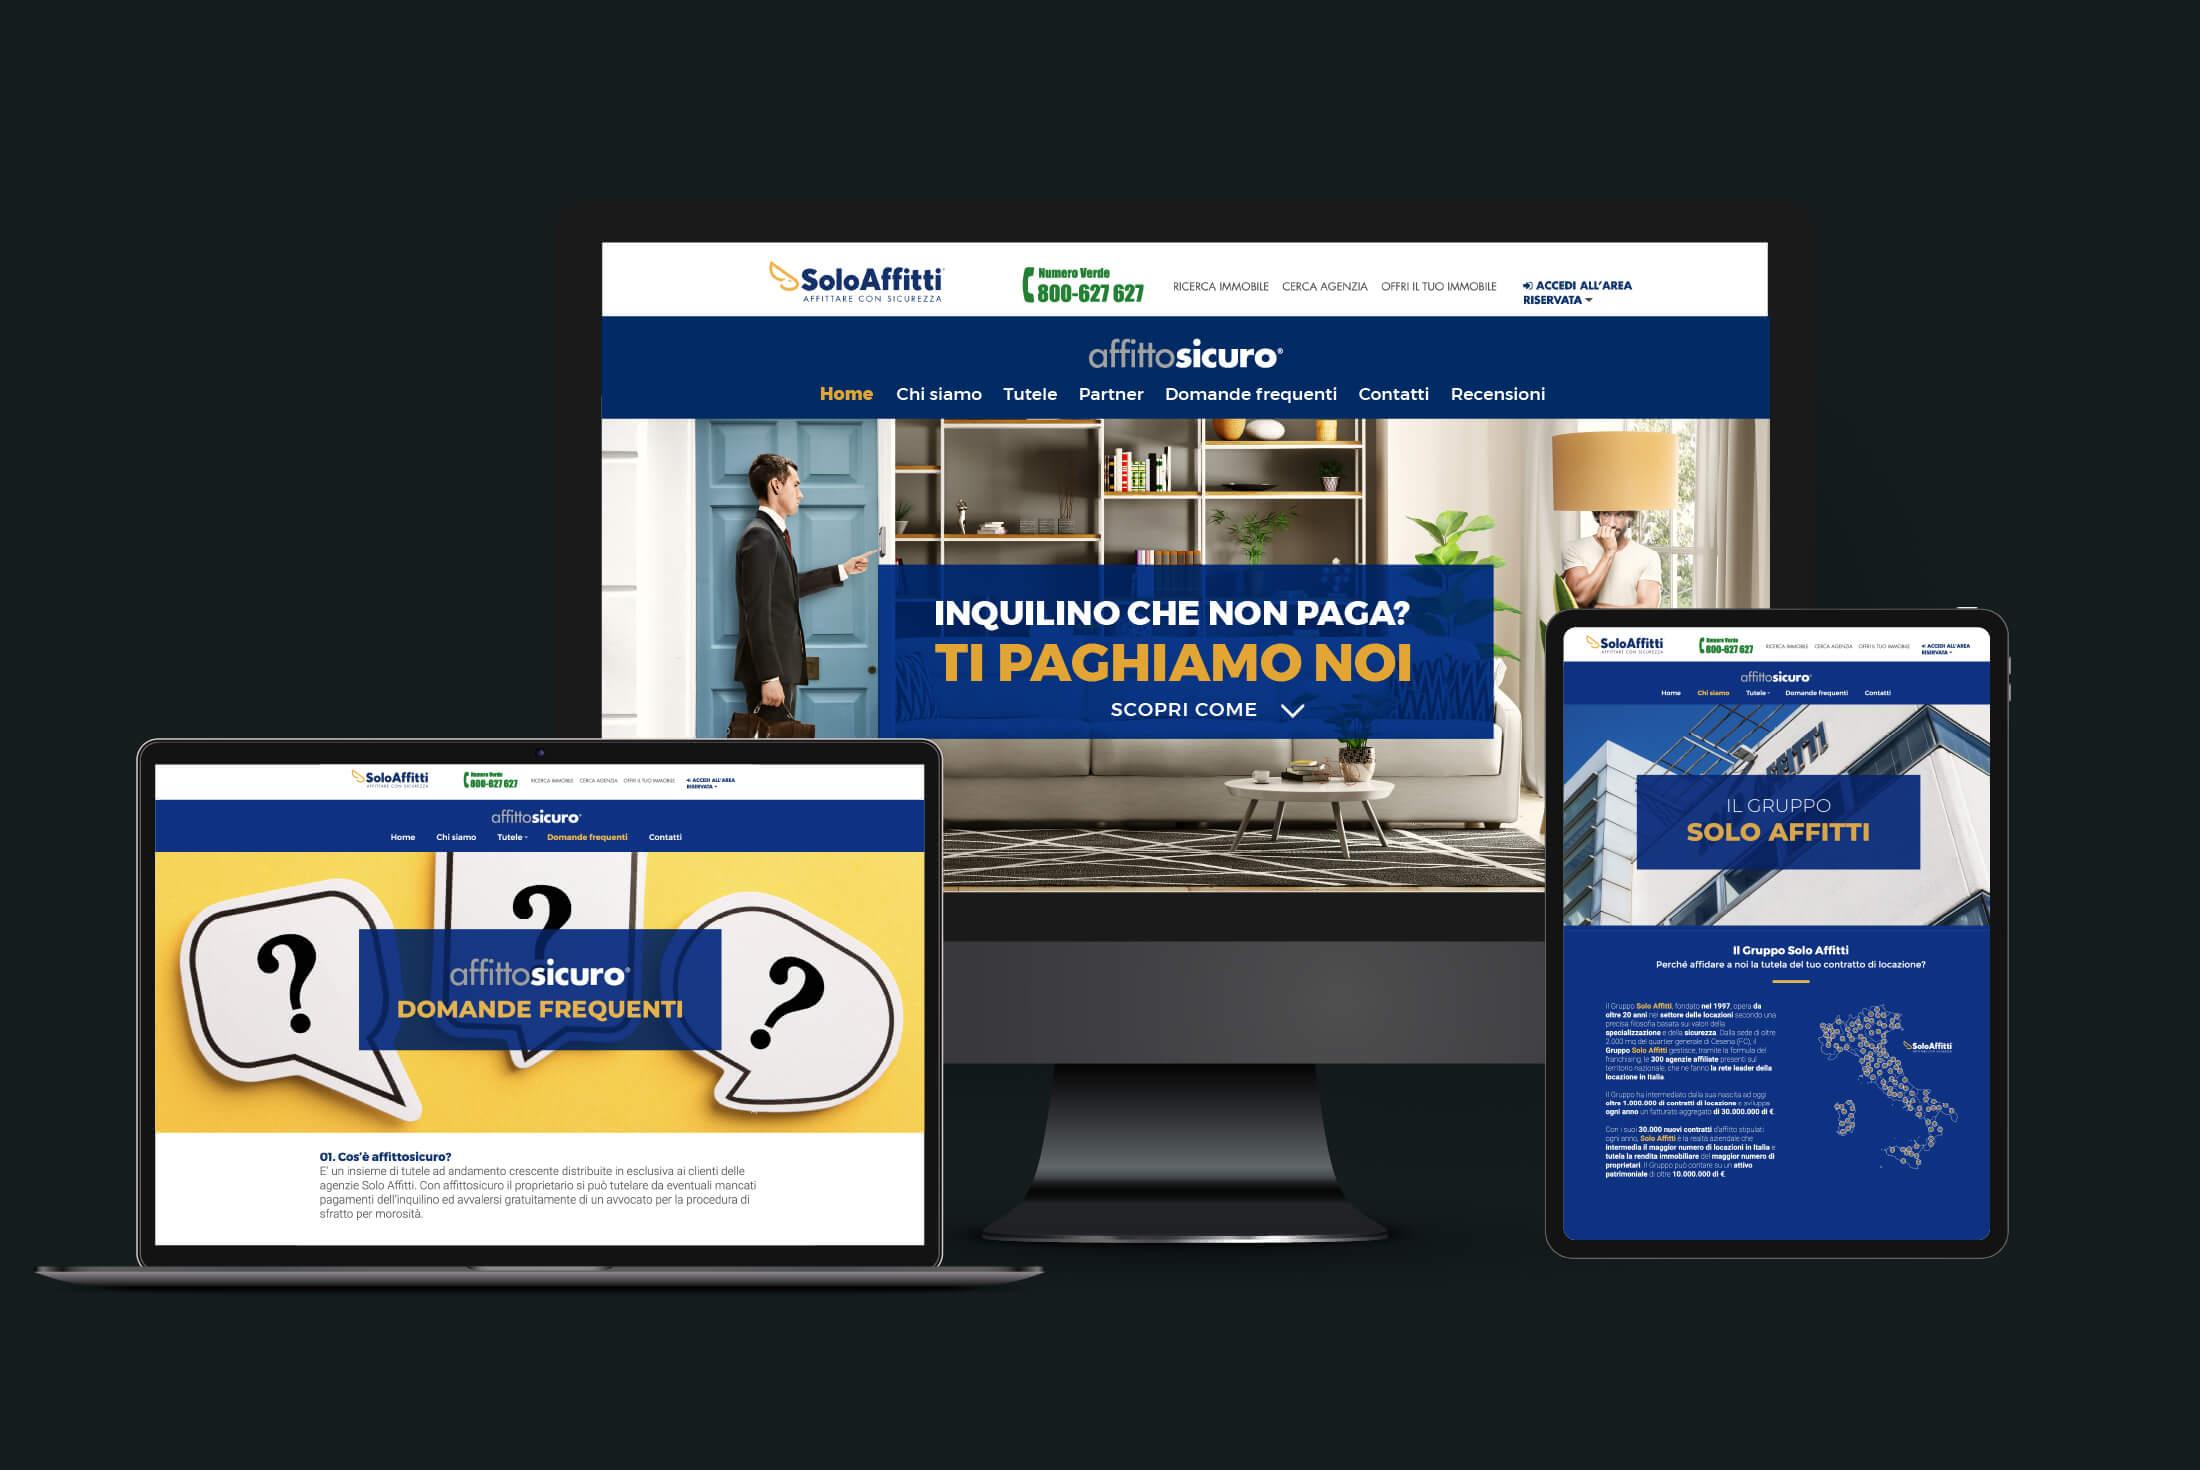 Sito web - Portfolio - Be Comunicazioni - Pubblicità e Marketing - Affitto Sicuro - SoloAffitti - Cover